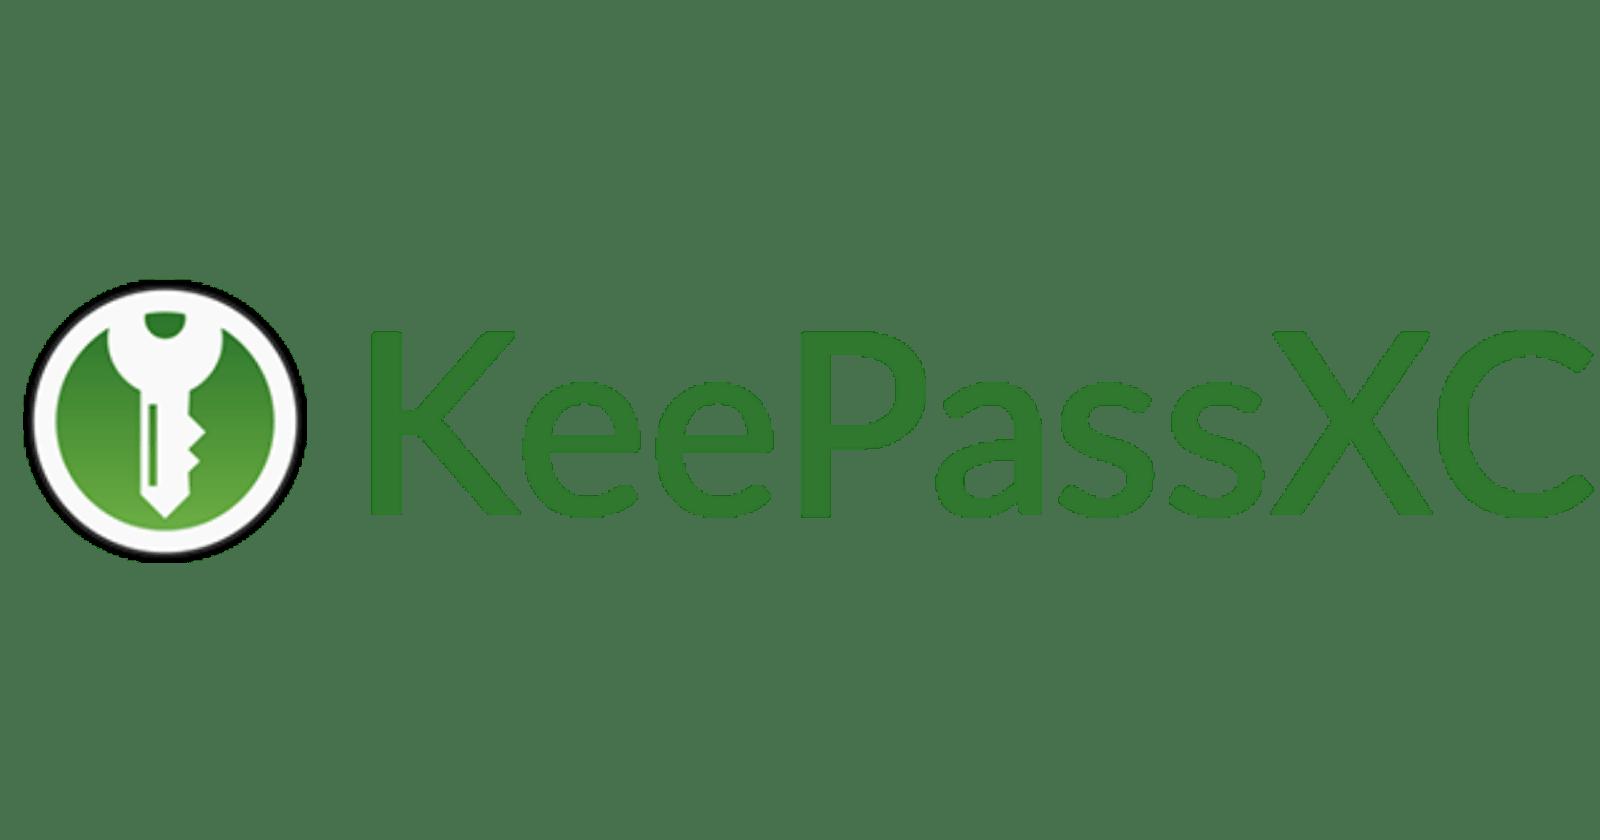 Administrador de contraseñas KeePassXC